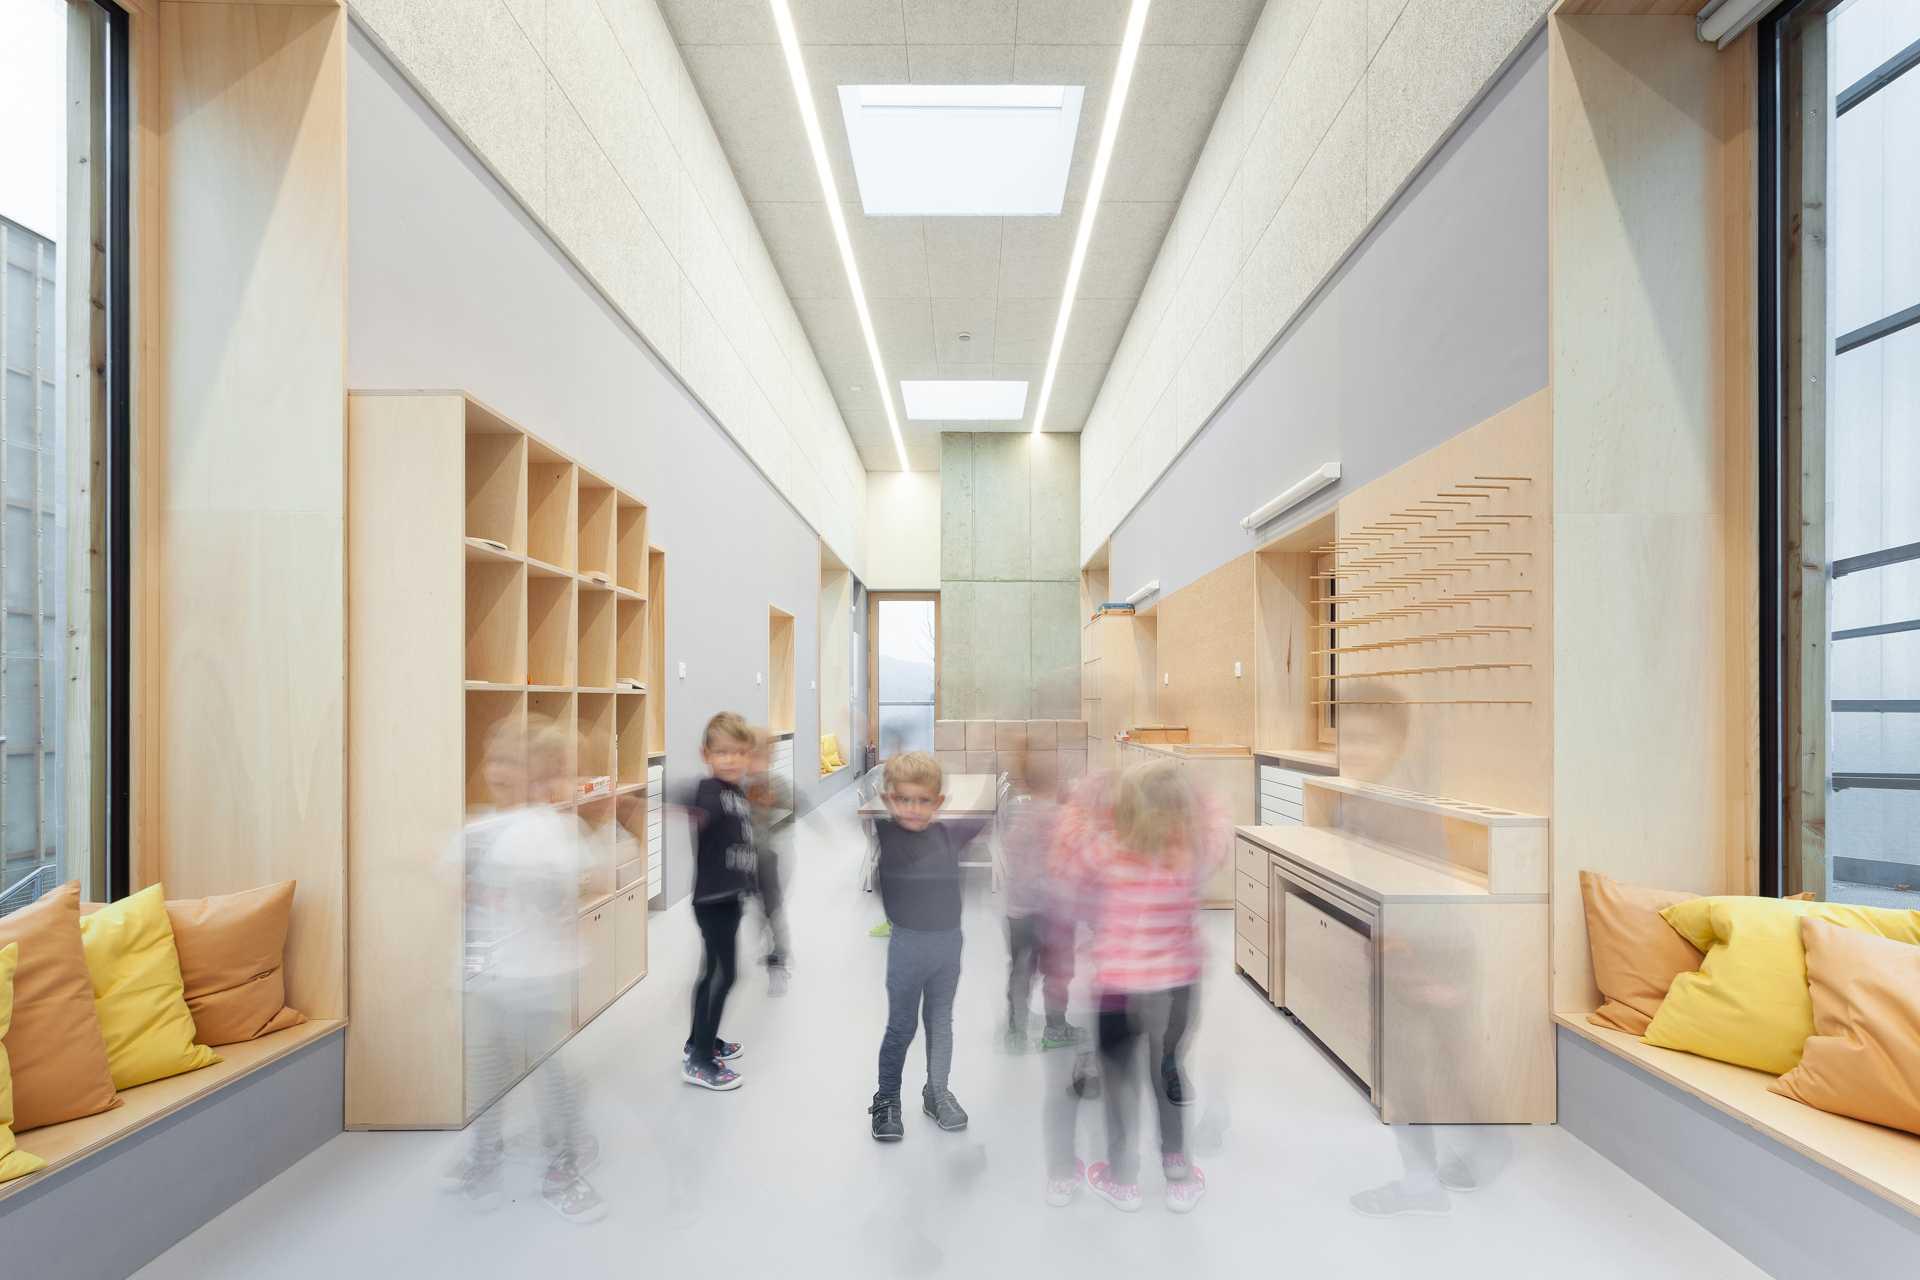 Nová Ruda kindergarten  - 42 5 38